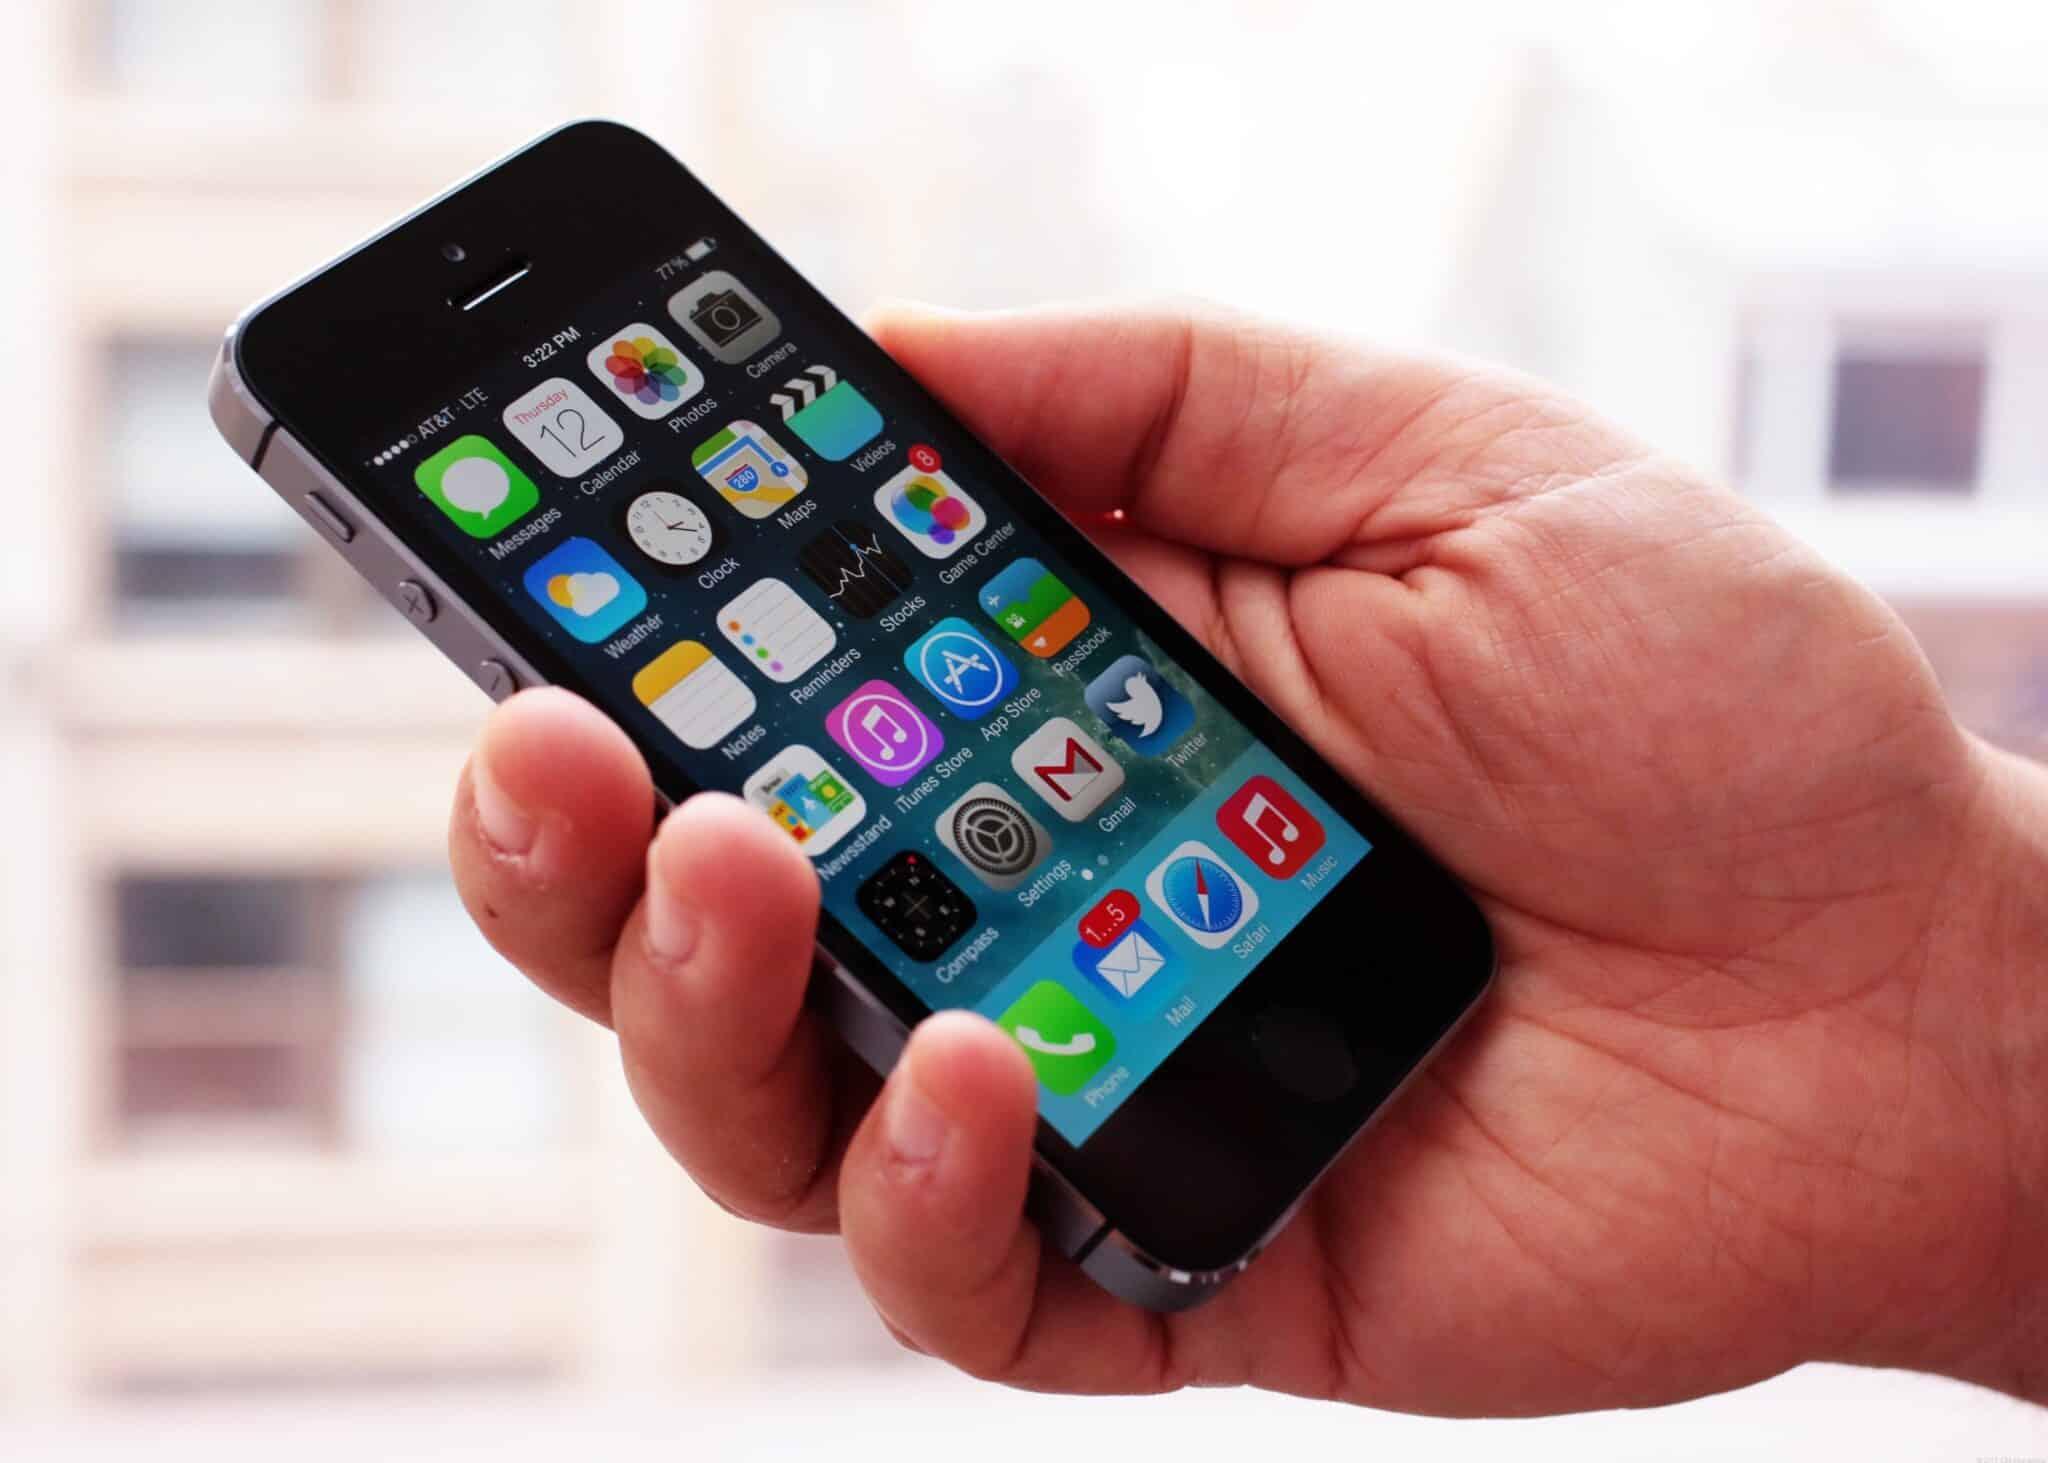 Владельцы iPhone 5 от компании Apple лишатся многих функций и практически не смогут пользоваться данным мобильным телефоном